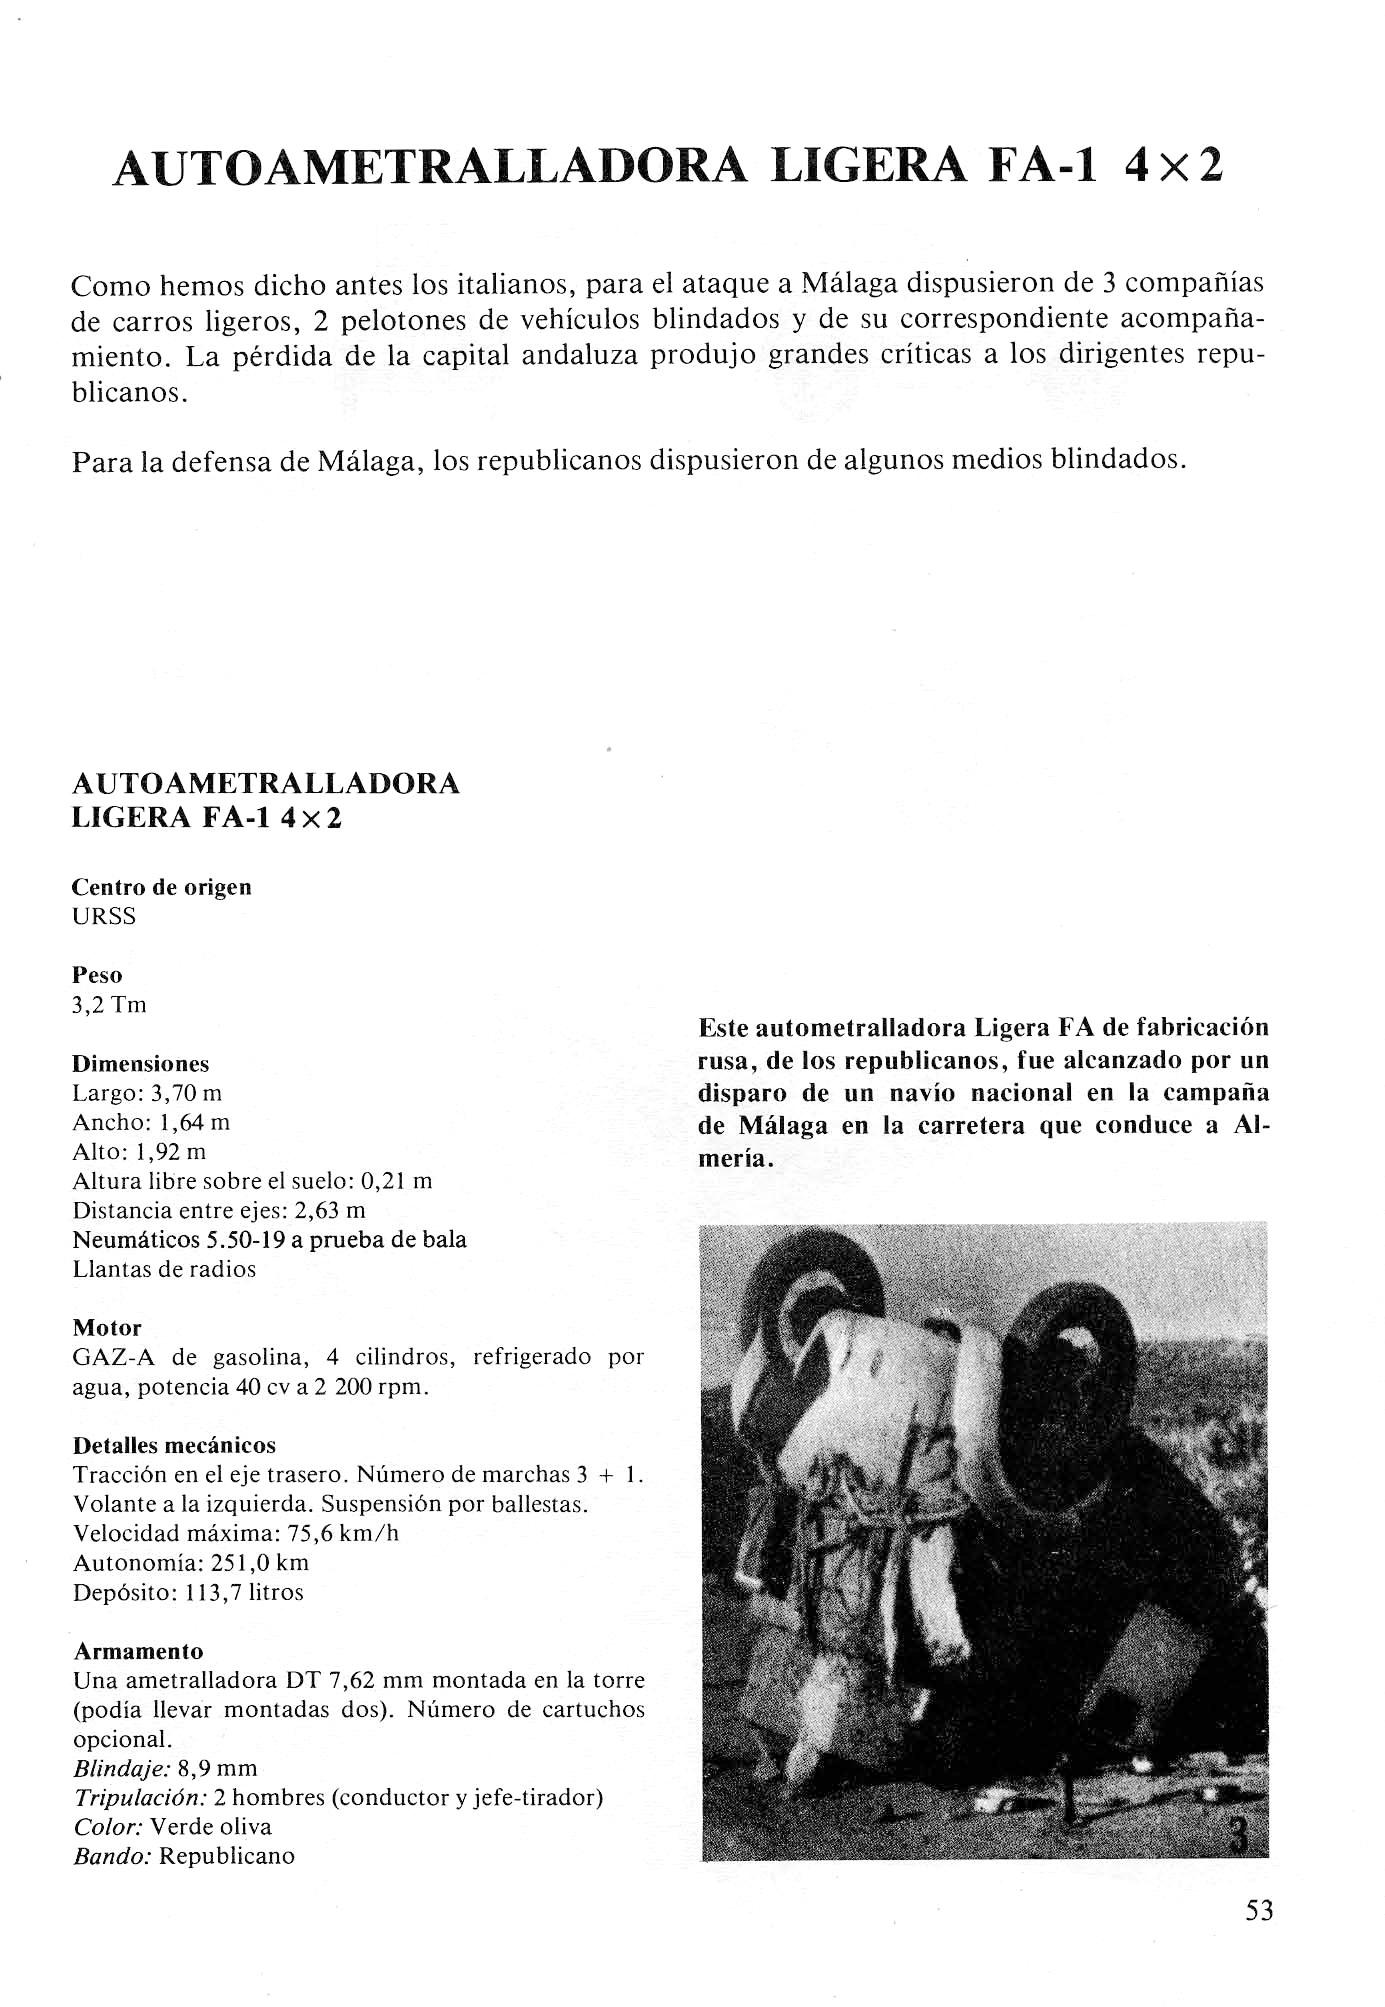 Carros De Combate Y Vehiculos Blindados De La Guerra 1936 1939 [F.C.Albert 1980]_Страница_051.jpg